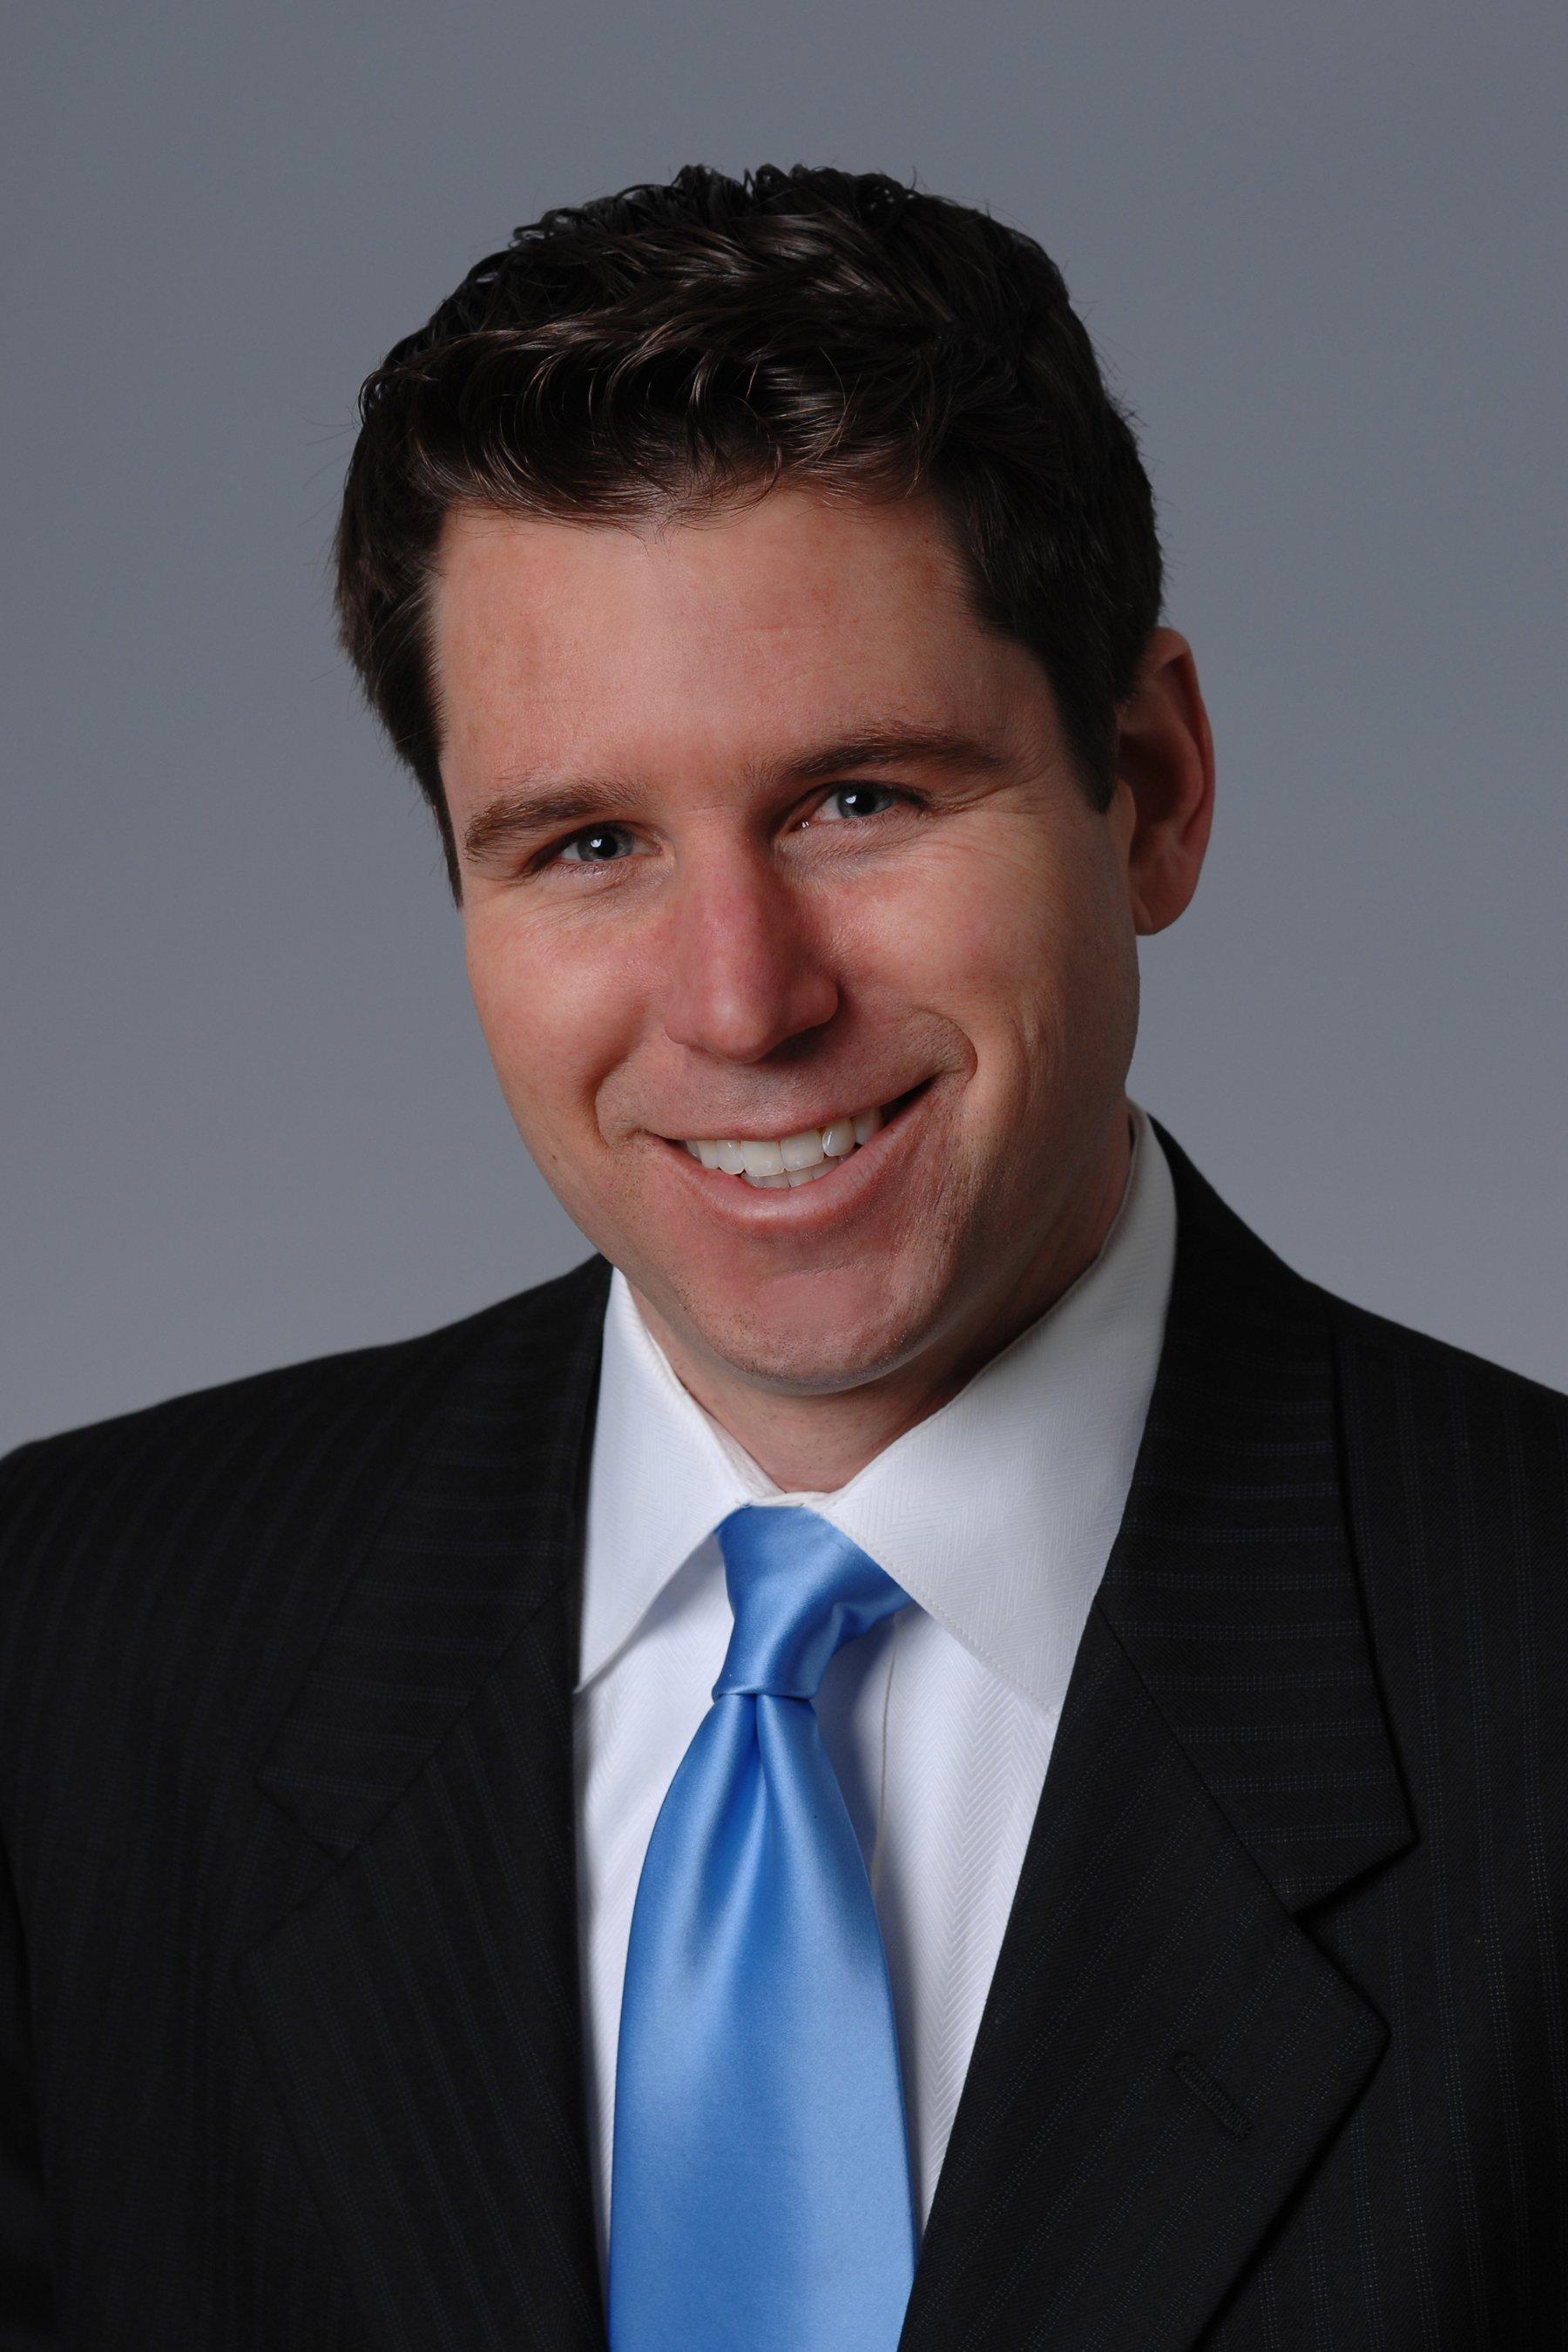 Dan Overmyer, CPIA